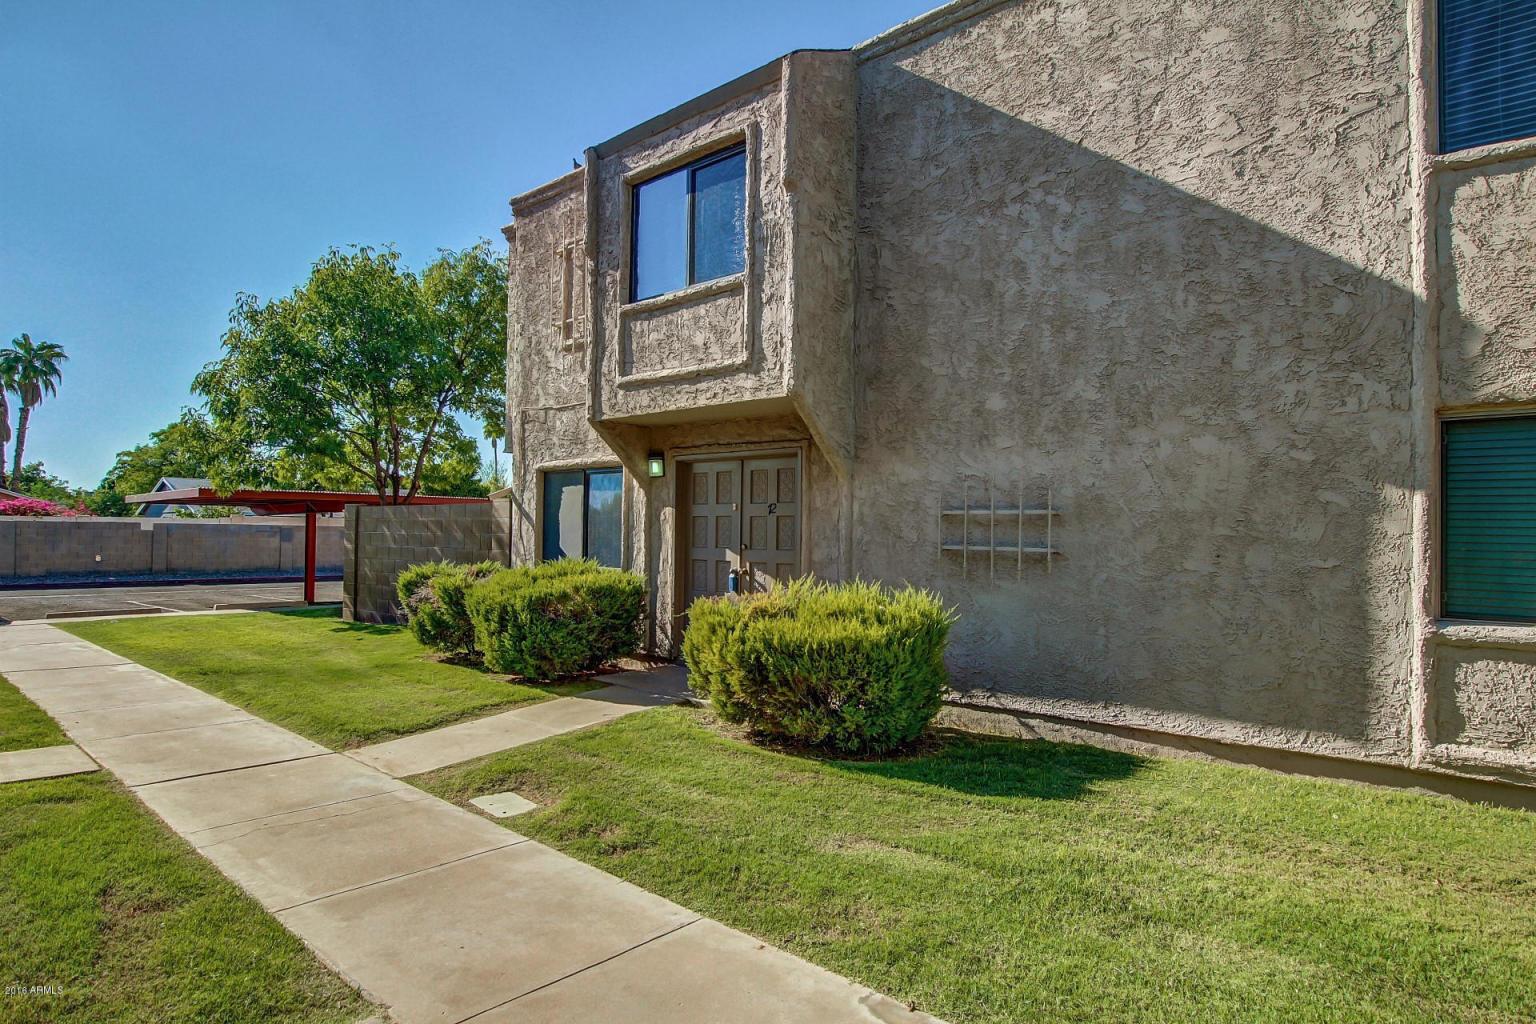 600 S. Dobson Rd. #72, Mesa AZ 85202